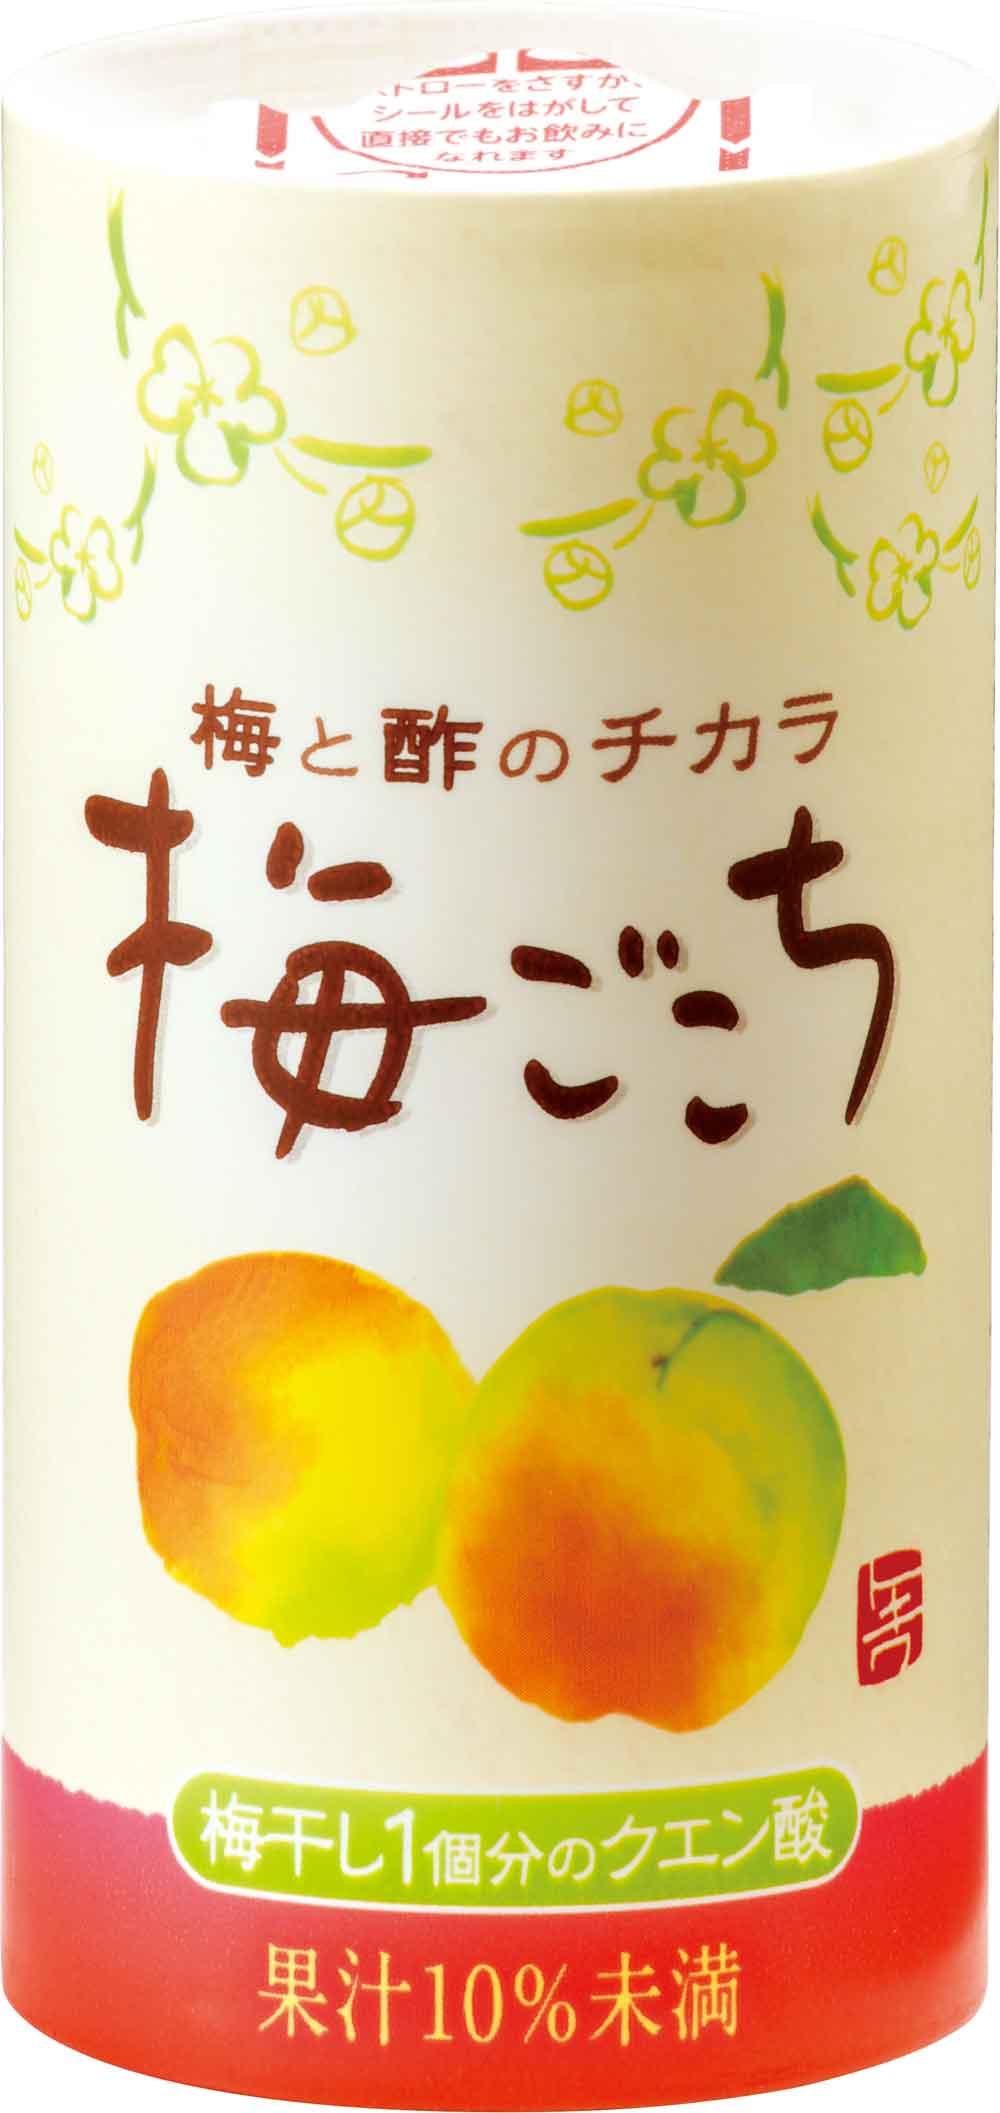 城崎ビネガー お酢のドリンクのイメージ